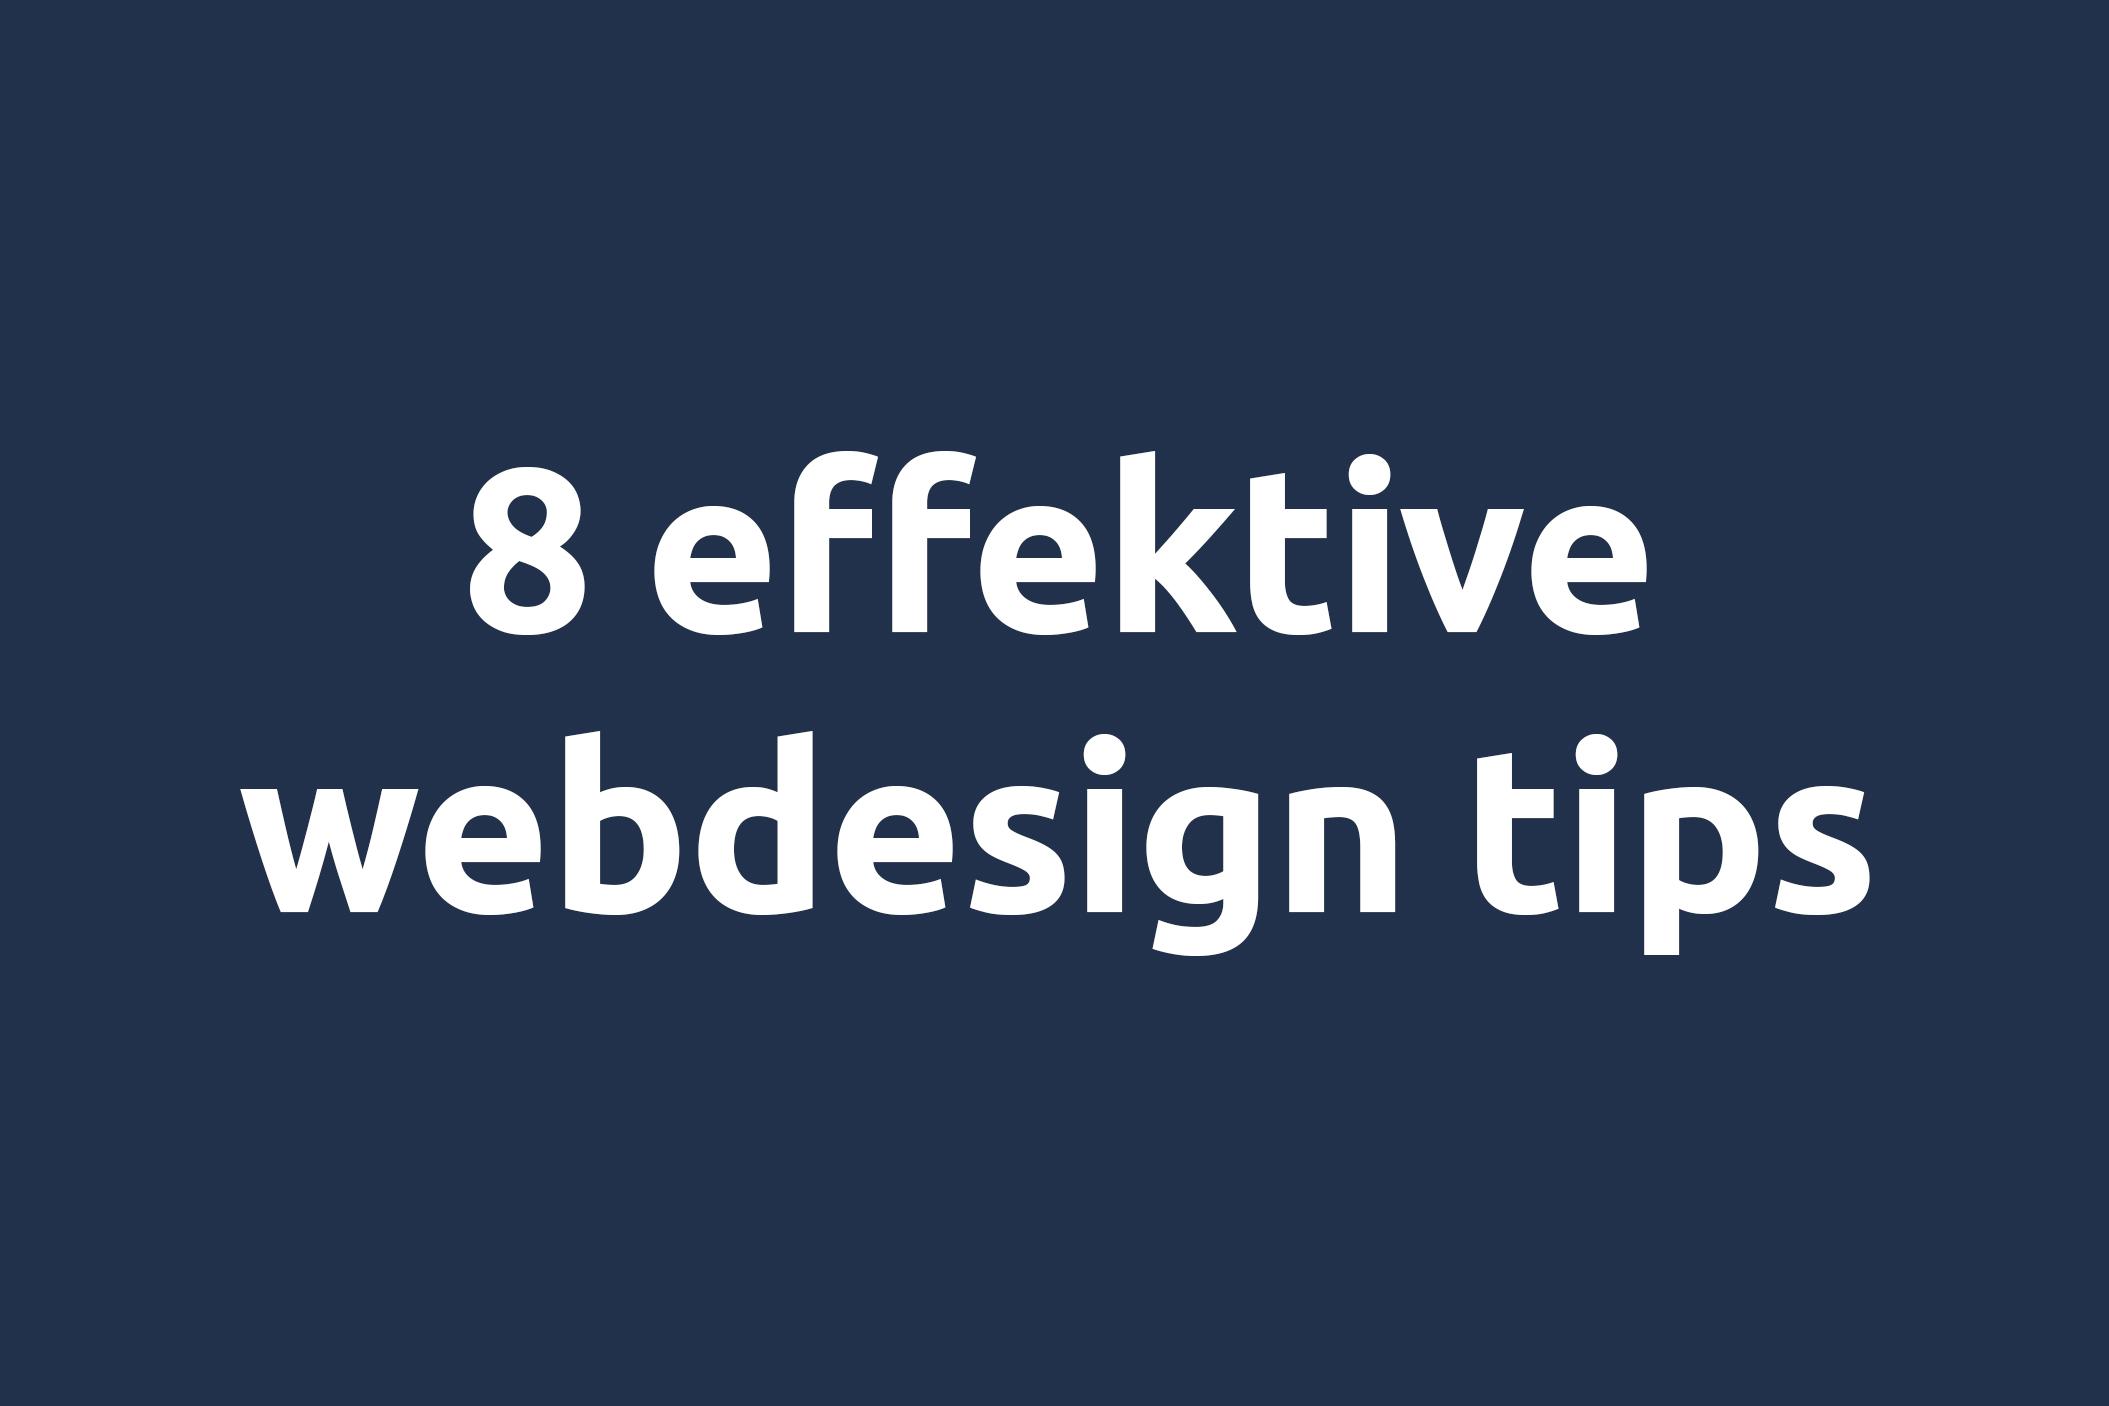 8 effektive webdesign tips av Smart Digitalt